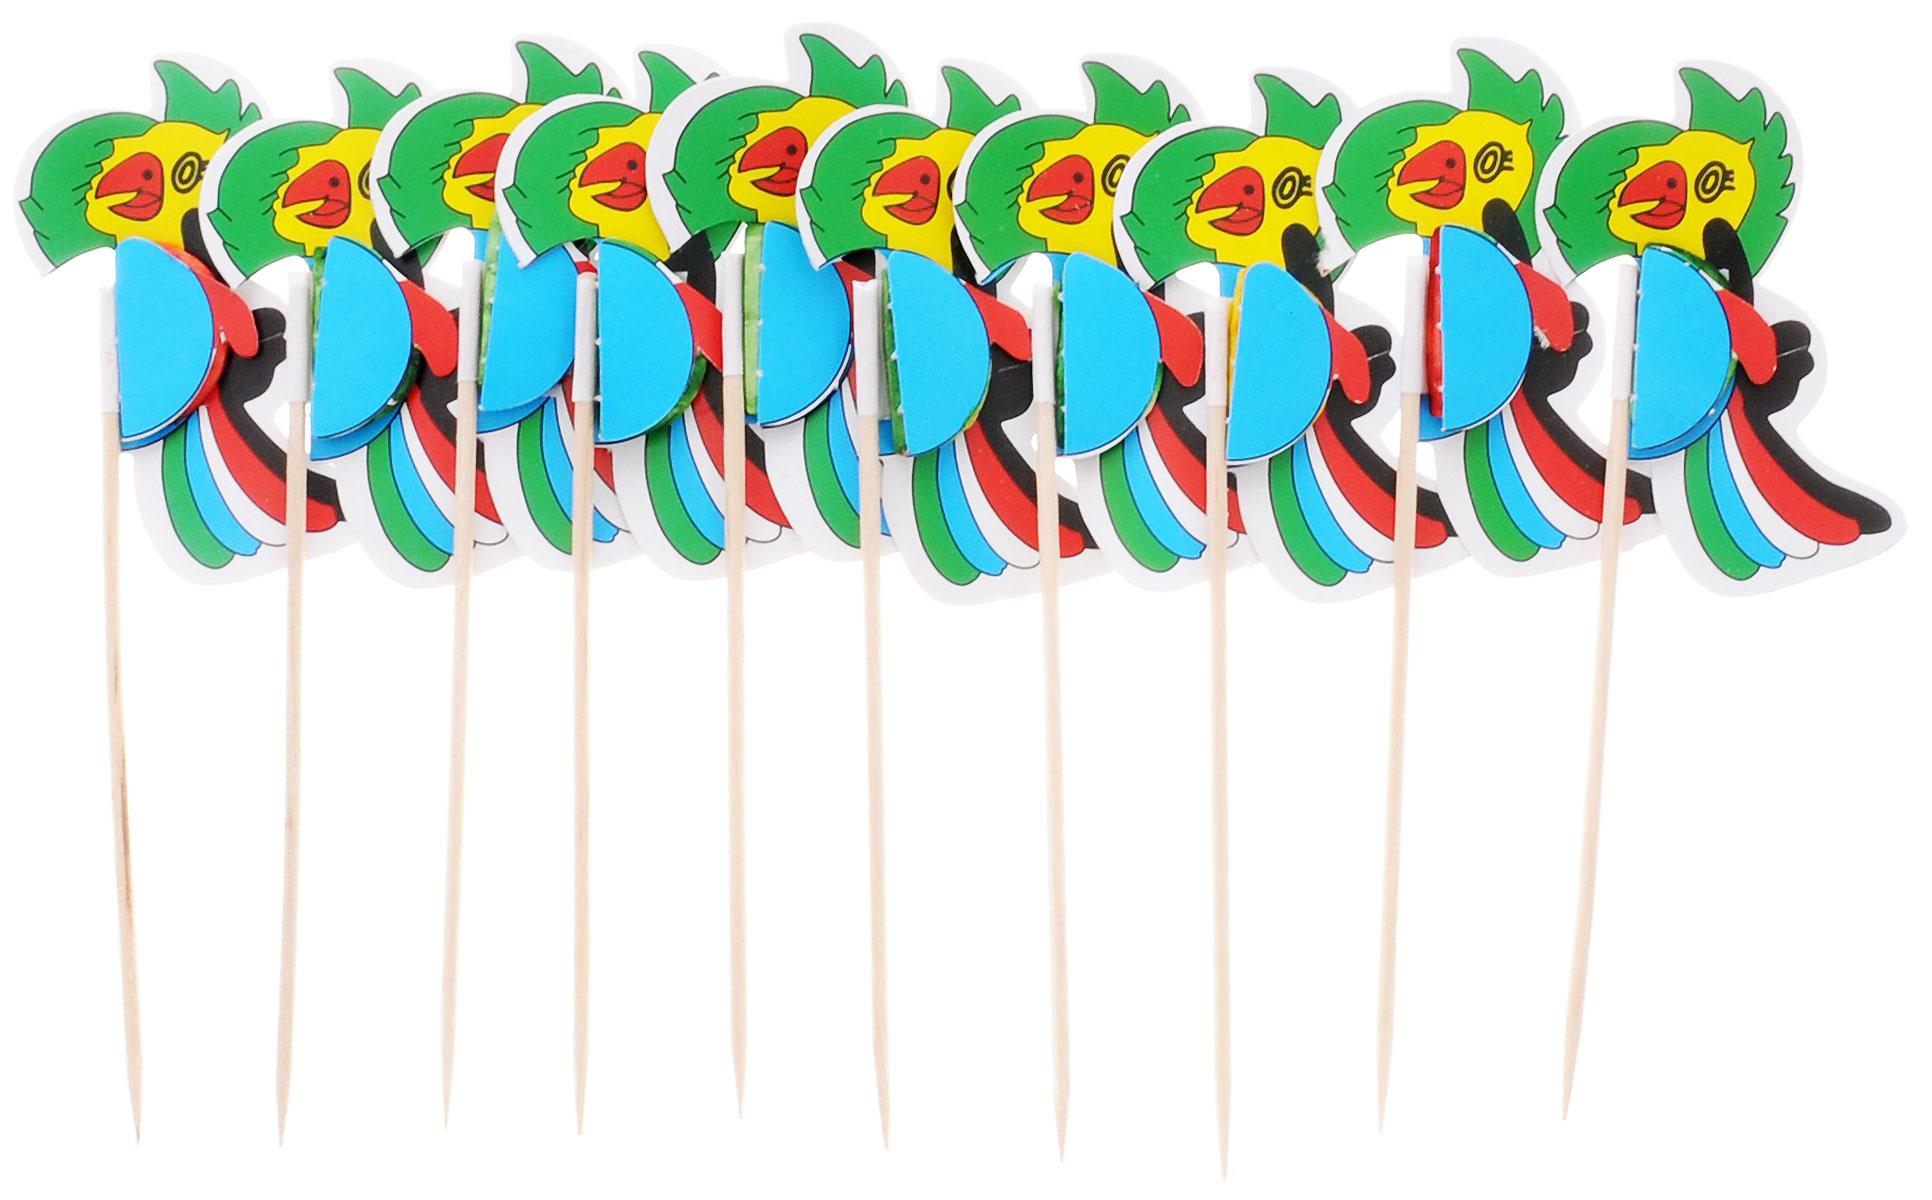 Action! Шпажки Птицы для праздничной сервировки 10 шт набор шпажек для канапе обезьянки 6шт с подставкой